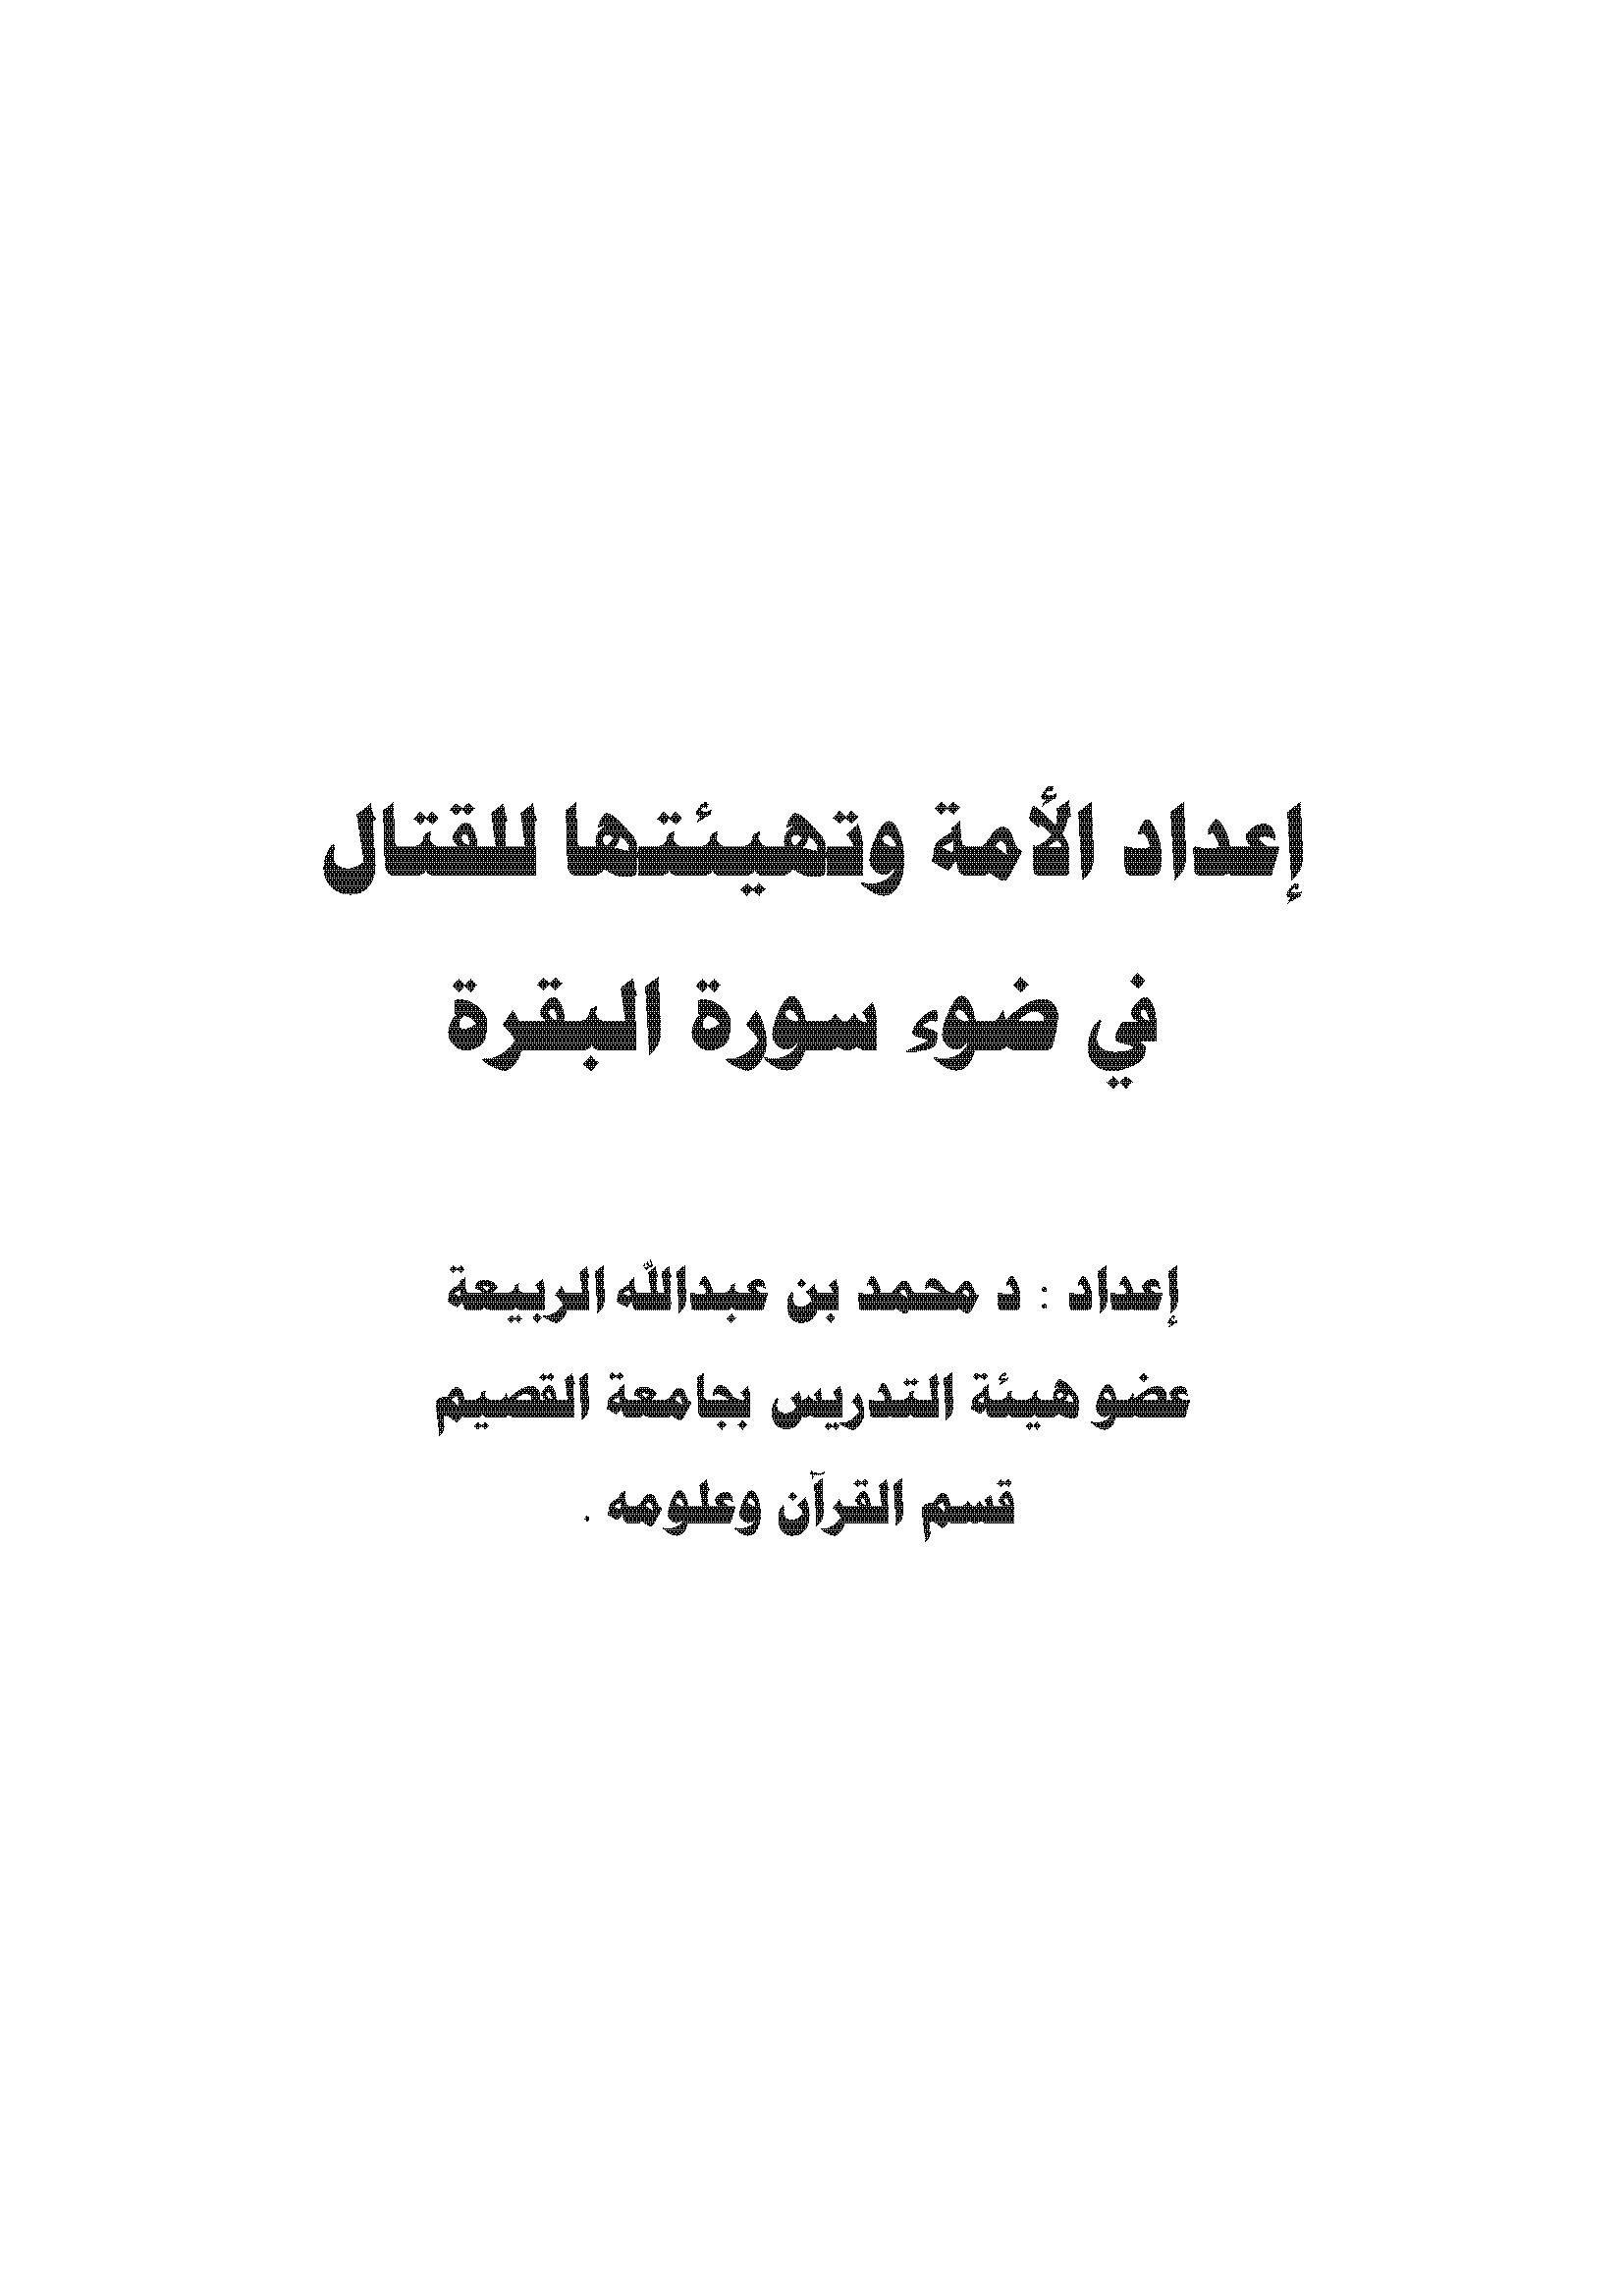 تحميل كتاب إعداد الأمة وتهيئتها للقتال في ضوء سورة البقرة لـِ: الدكتور محمد عبد الله الربيعة